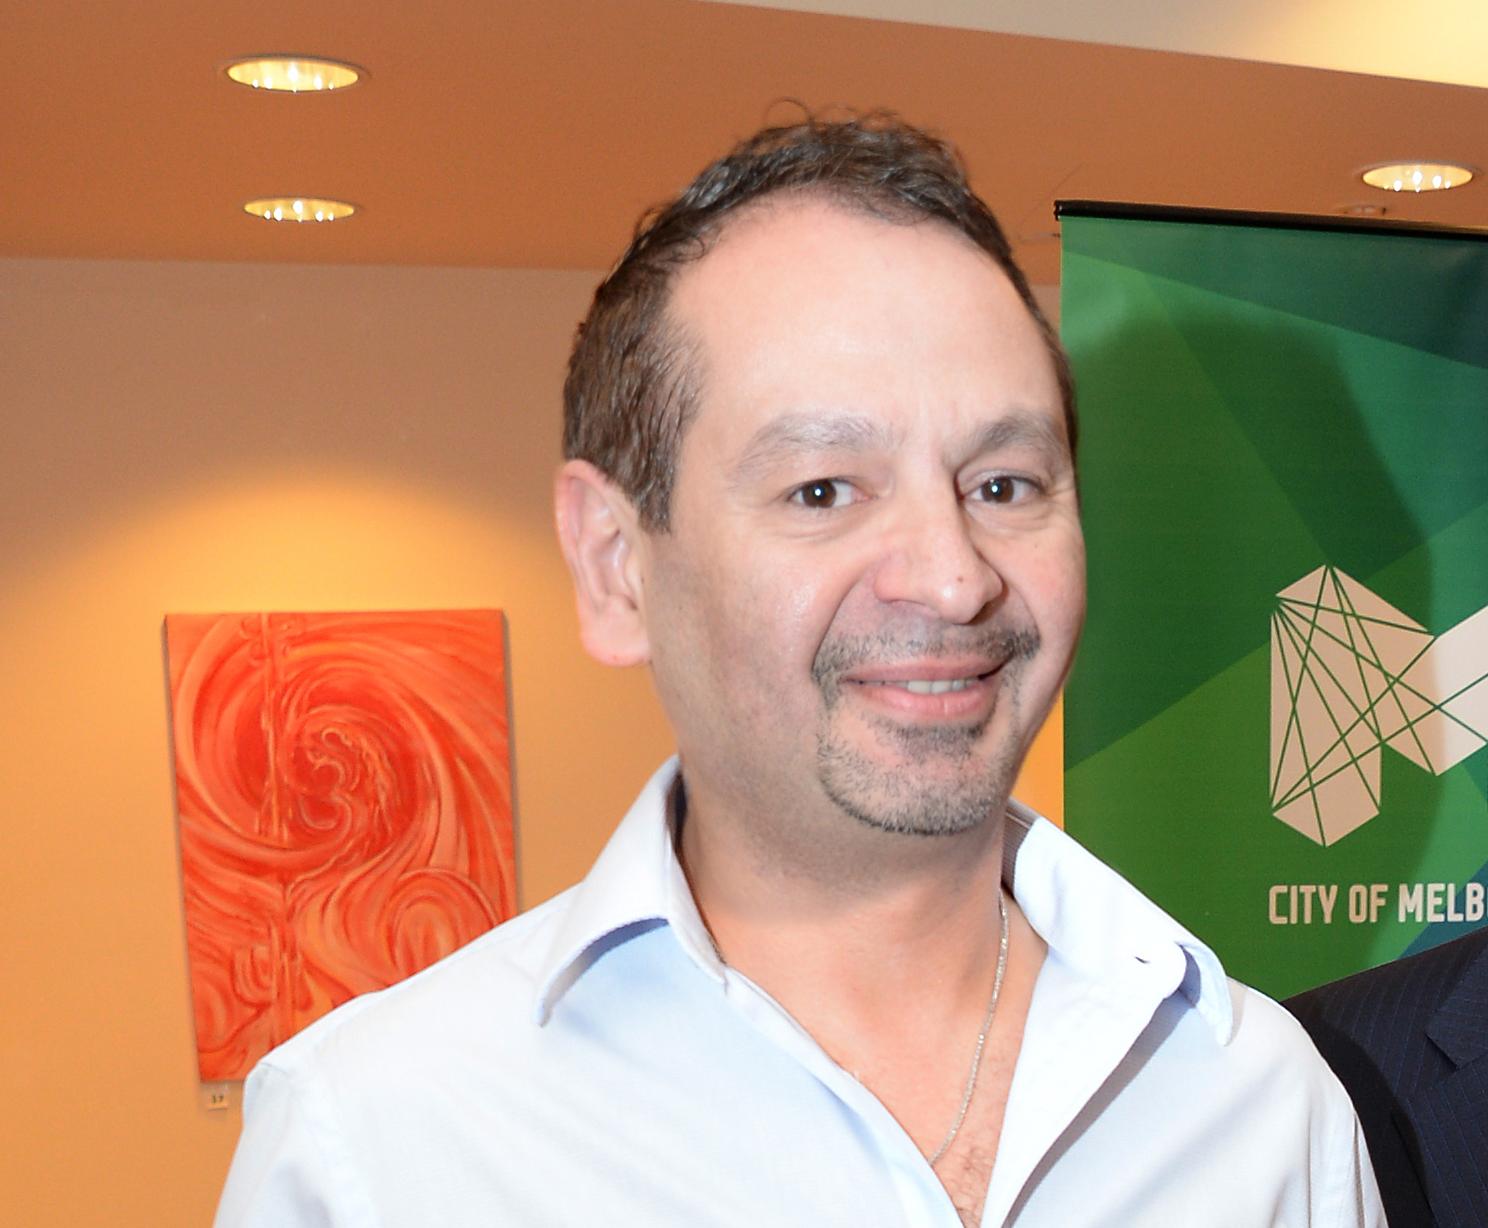 James Cristina